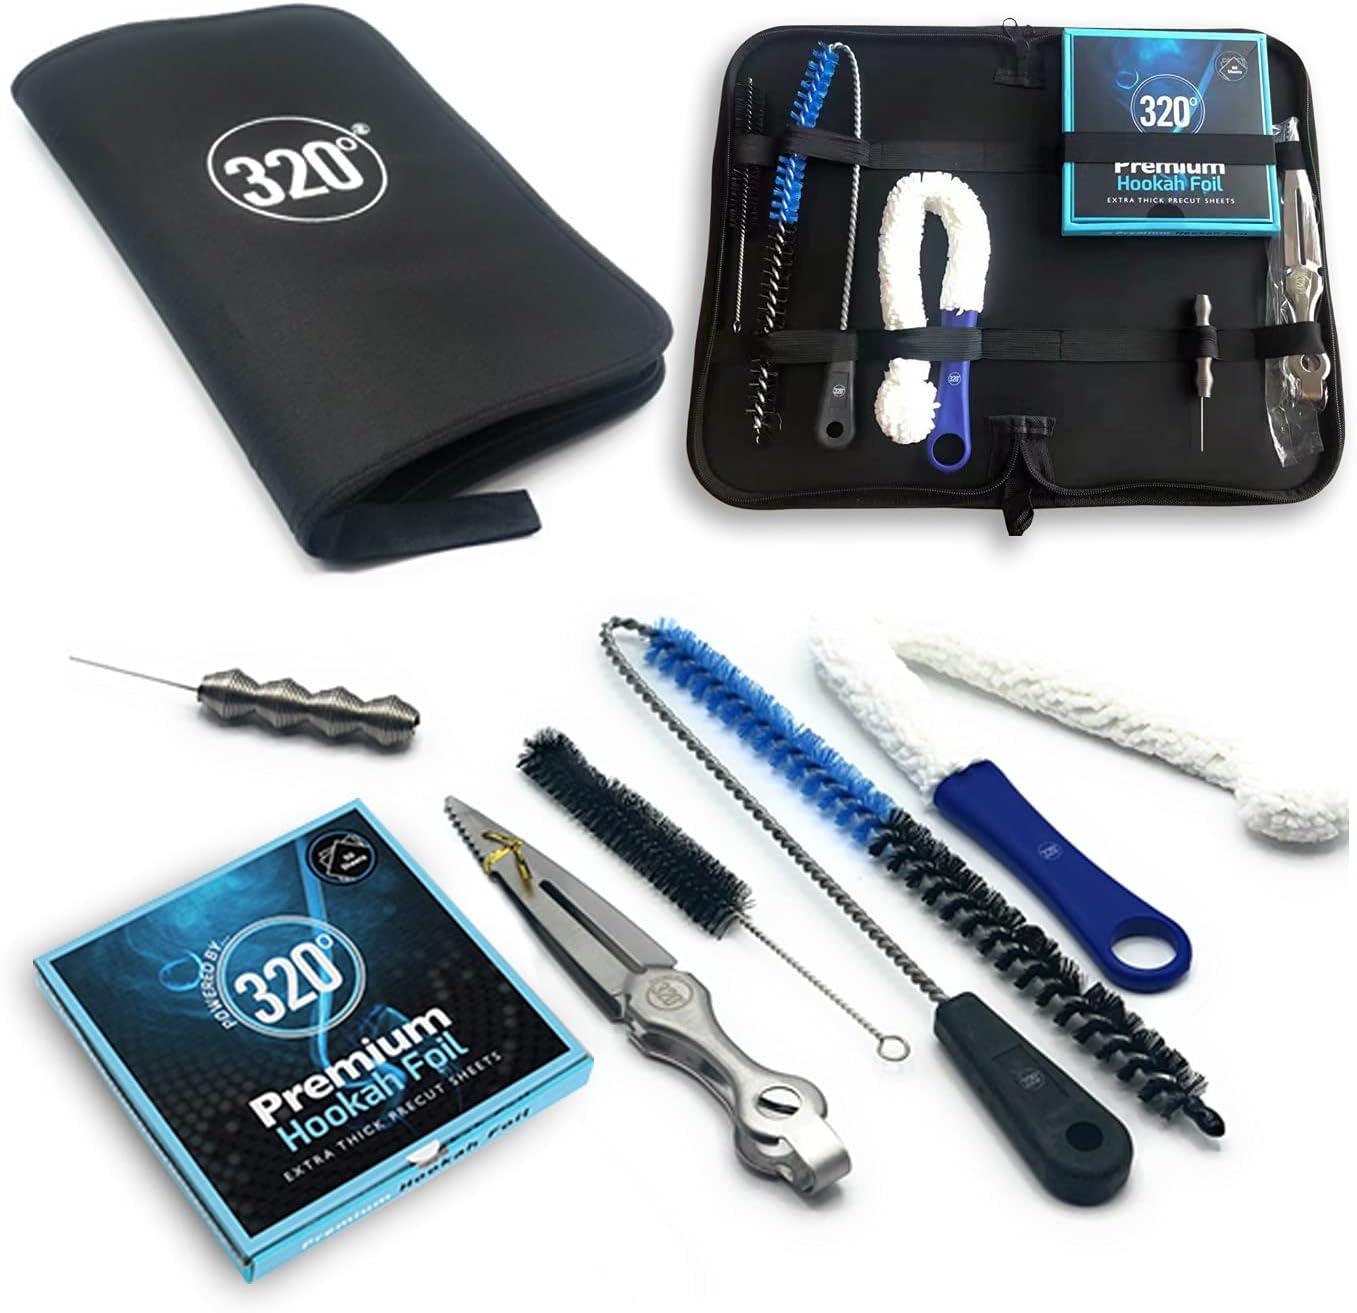 320º Hookah Shisha Essentials - Juego de viaje para cachimba (incluye cepillos de limpieza, pinzas, atizador, tenedor, cartas de juego y accesorios)